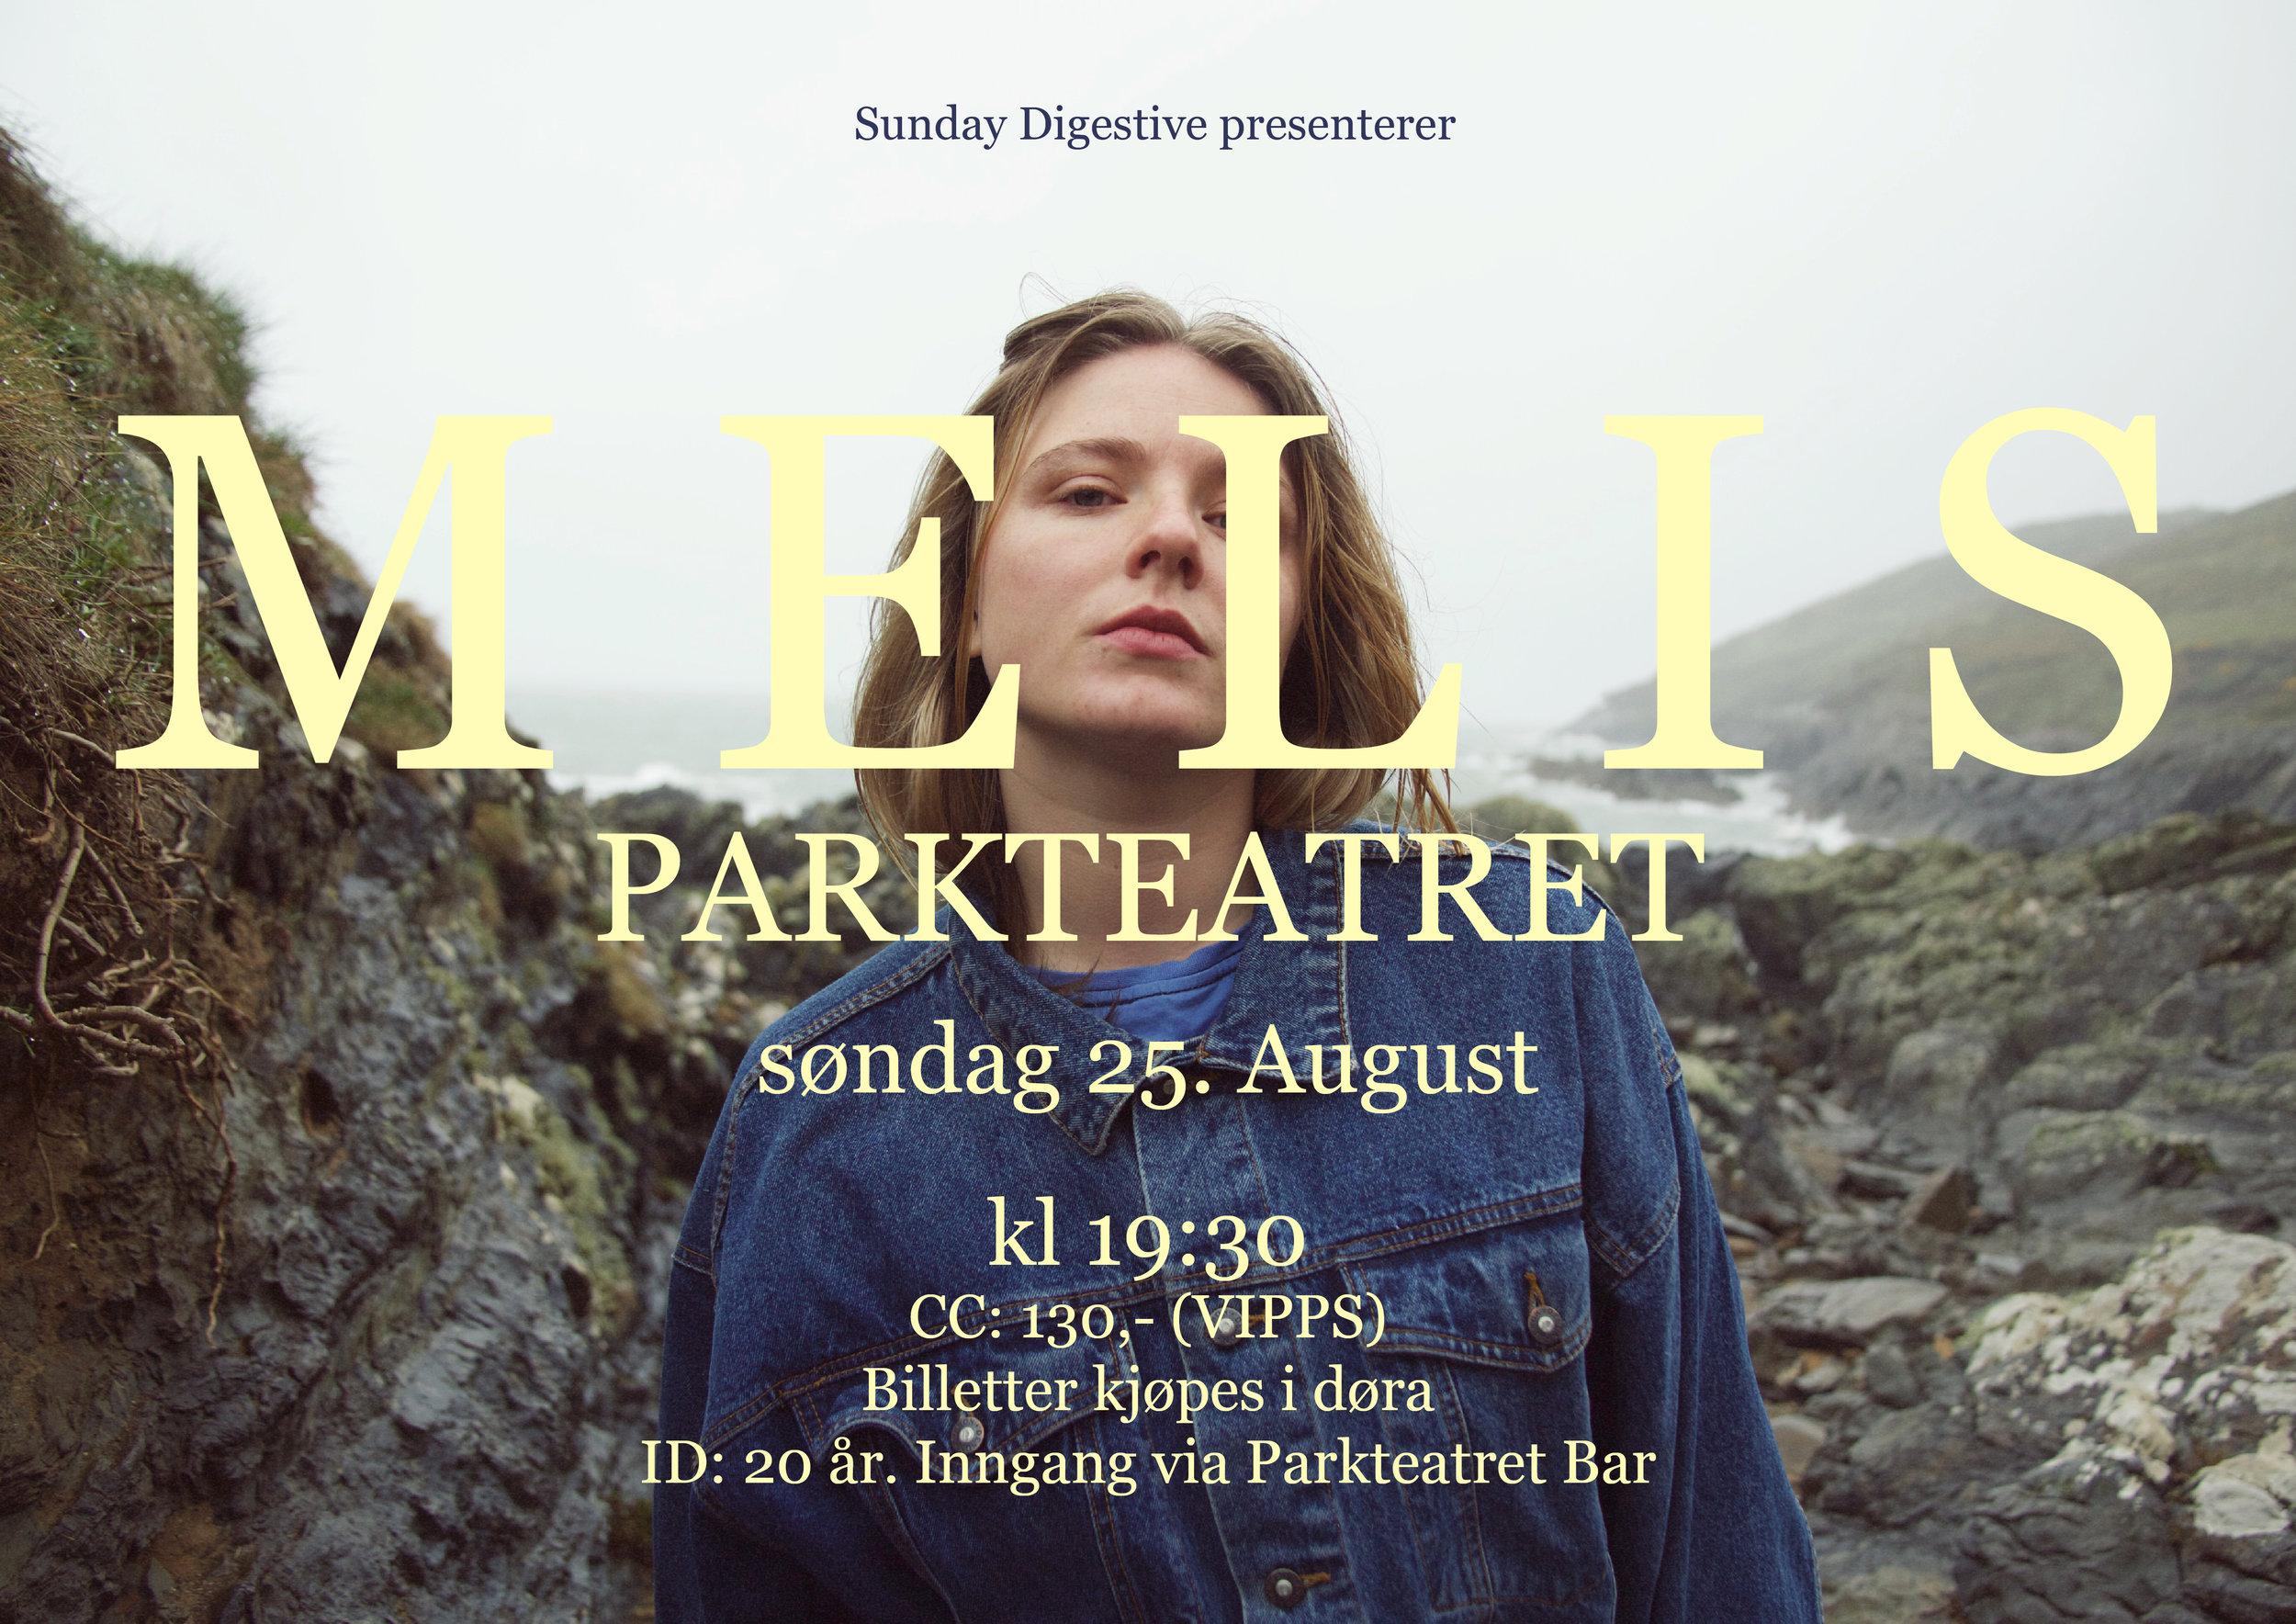 Melis skal ha sin første headline-konsert på Parkteatrets lille scene, søndag 25 august! Dørene åpner 1930!